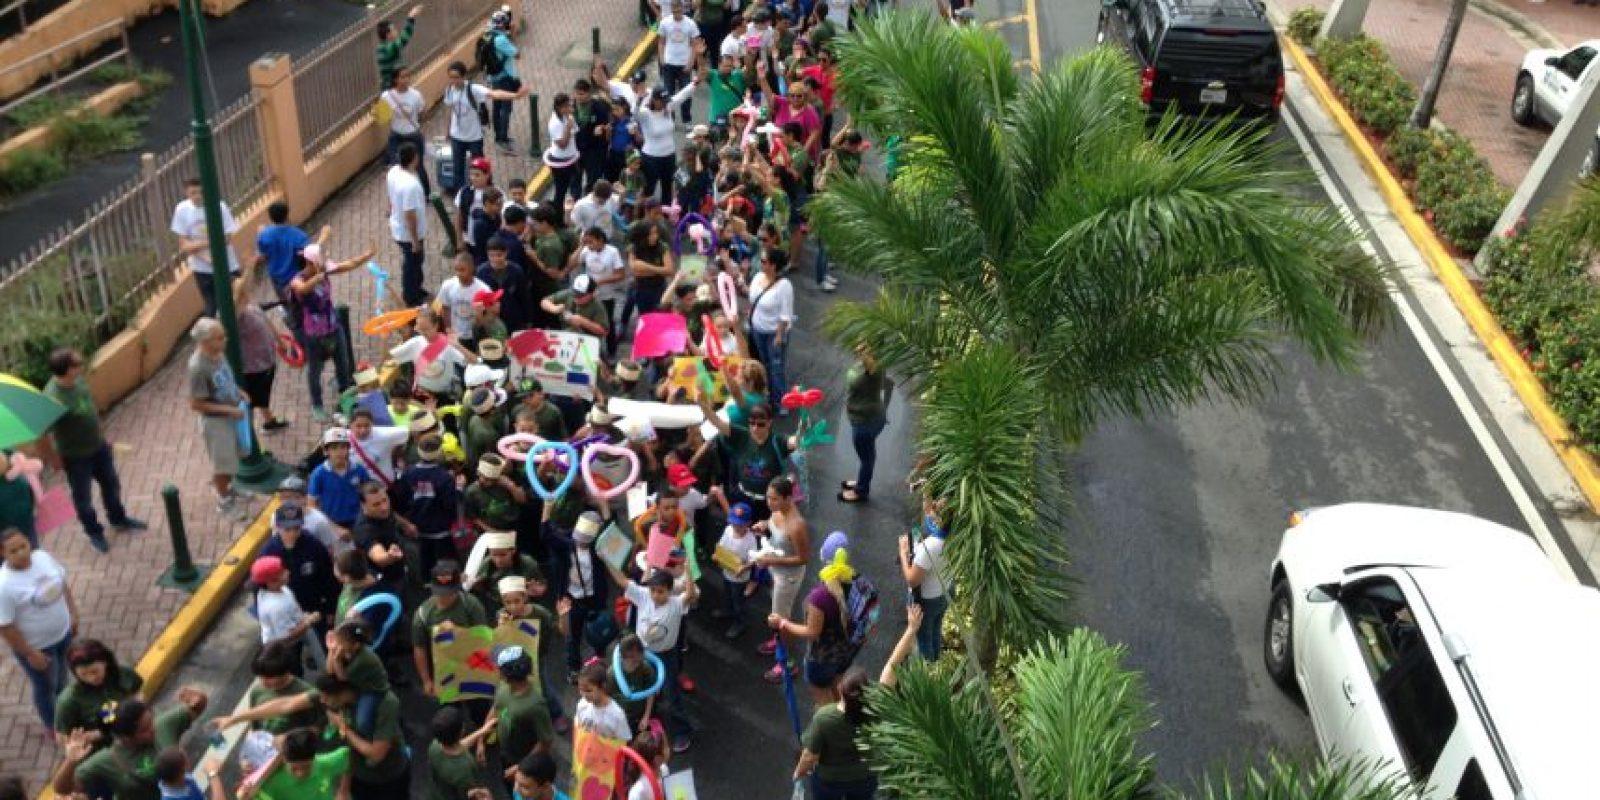 Marcha de la esperanza del Colegio Jesucristo Rey de Reyes Foto:Metro. Imagen Por: